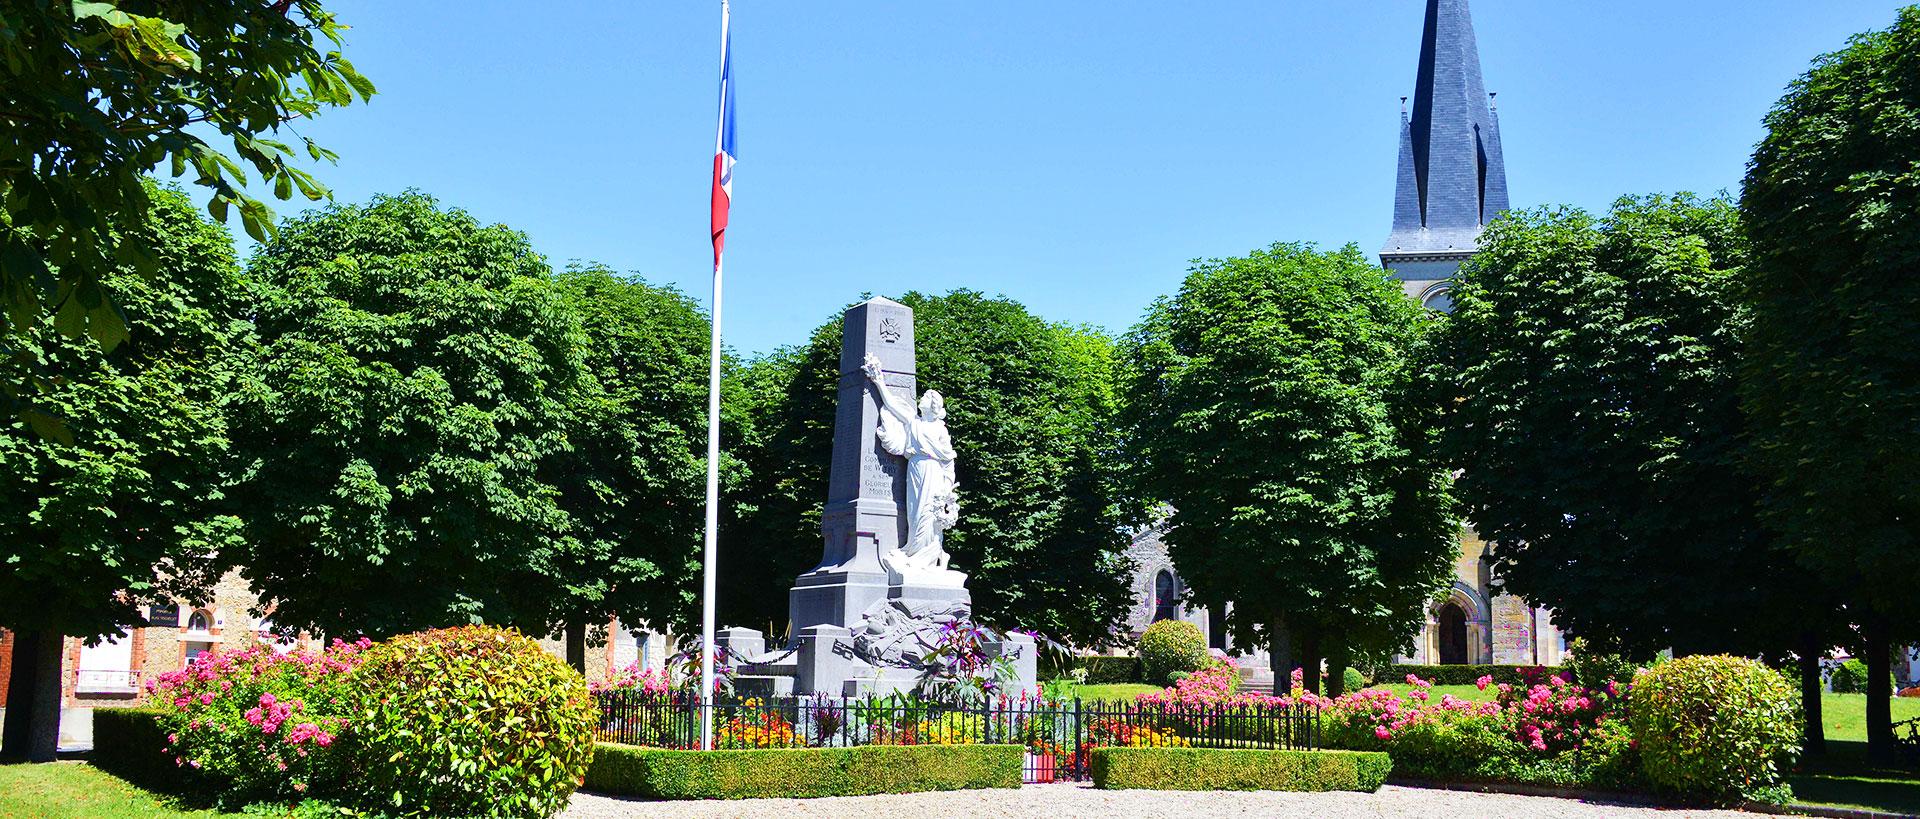 """Résultat de recherche d'images pour """"witry les reims monument aux mort"""""""